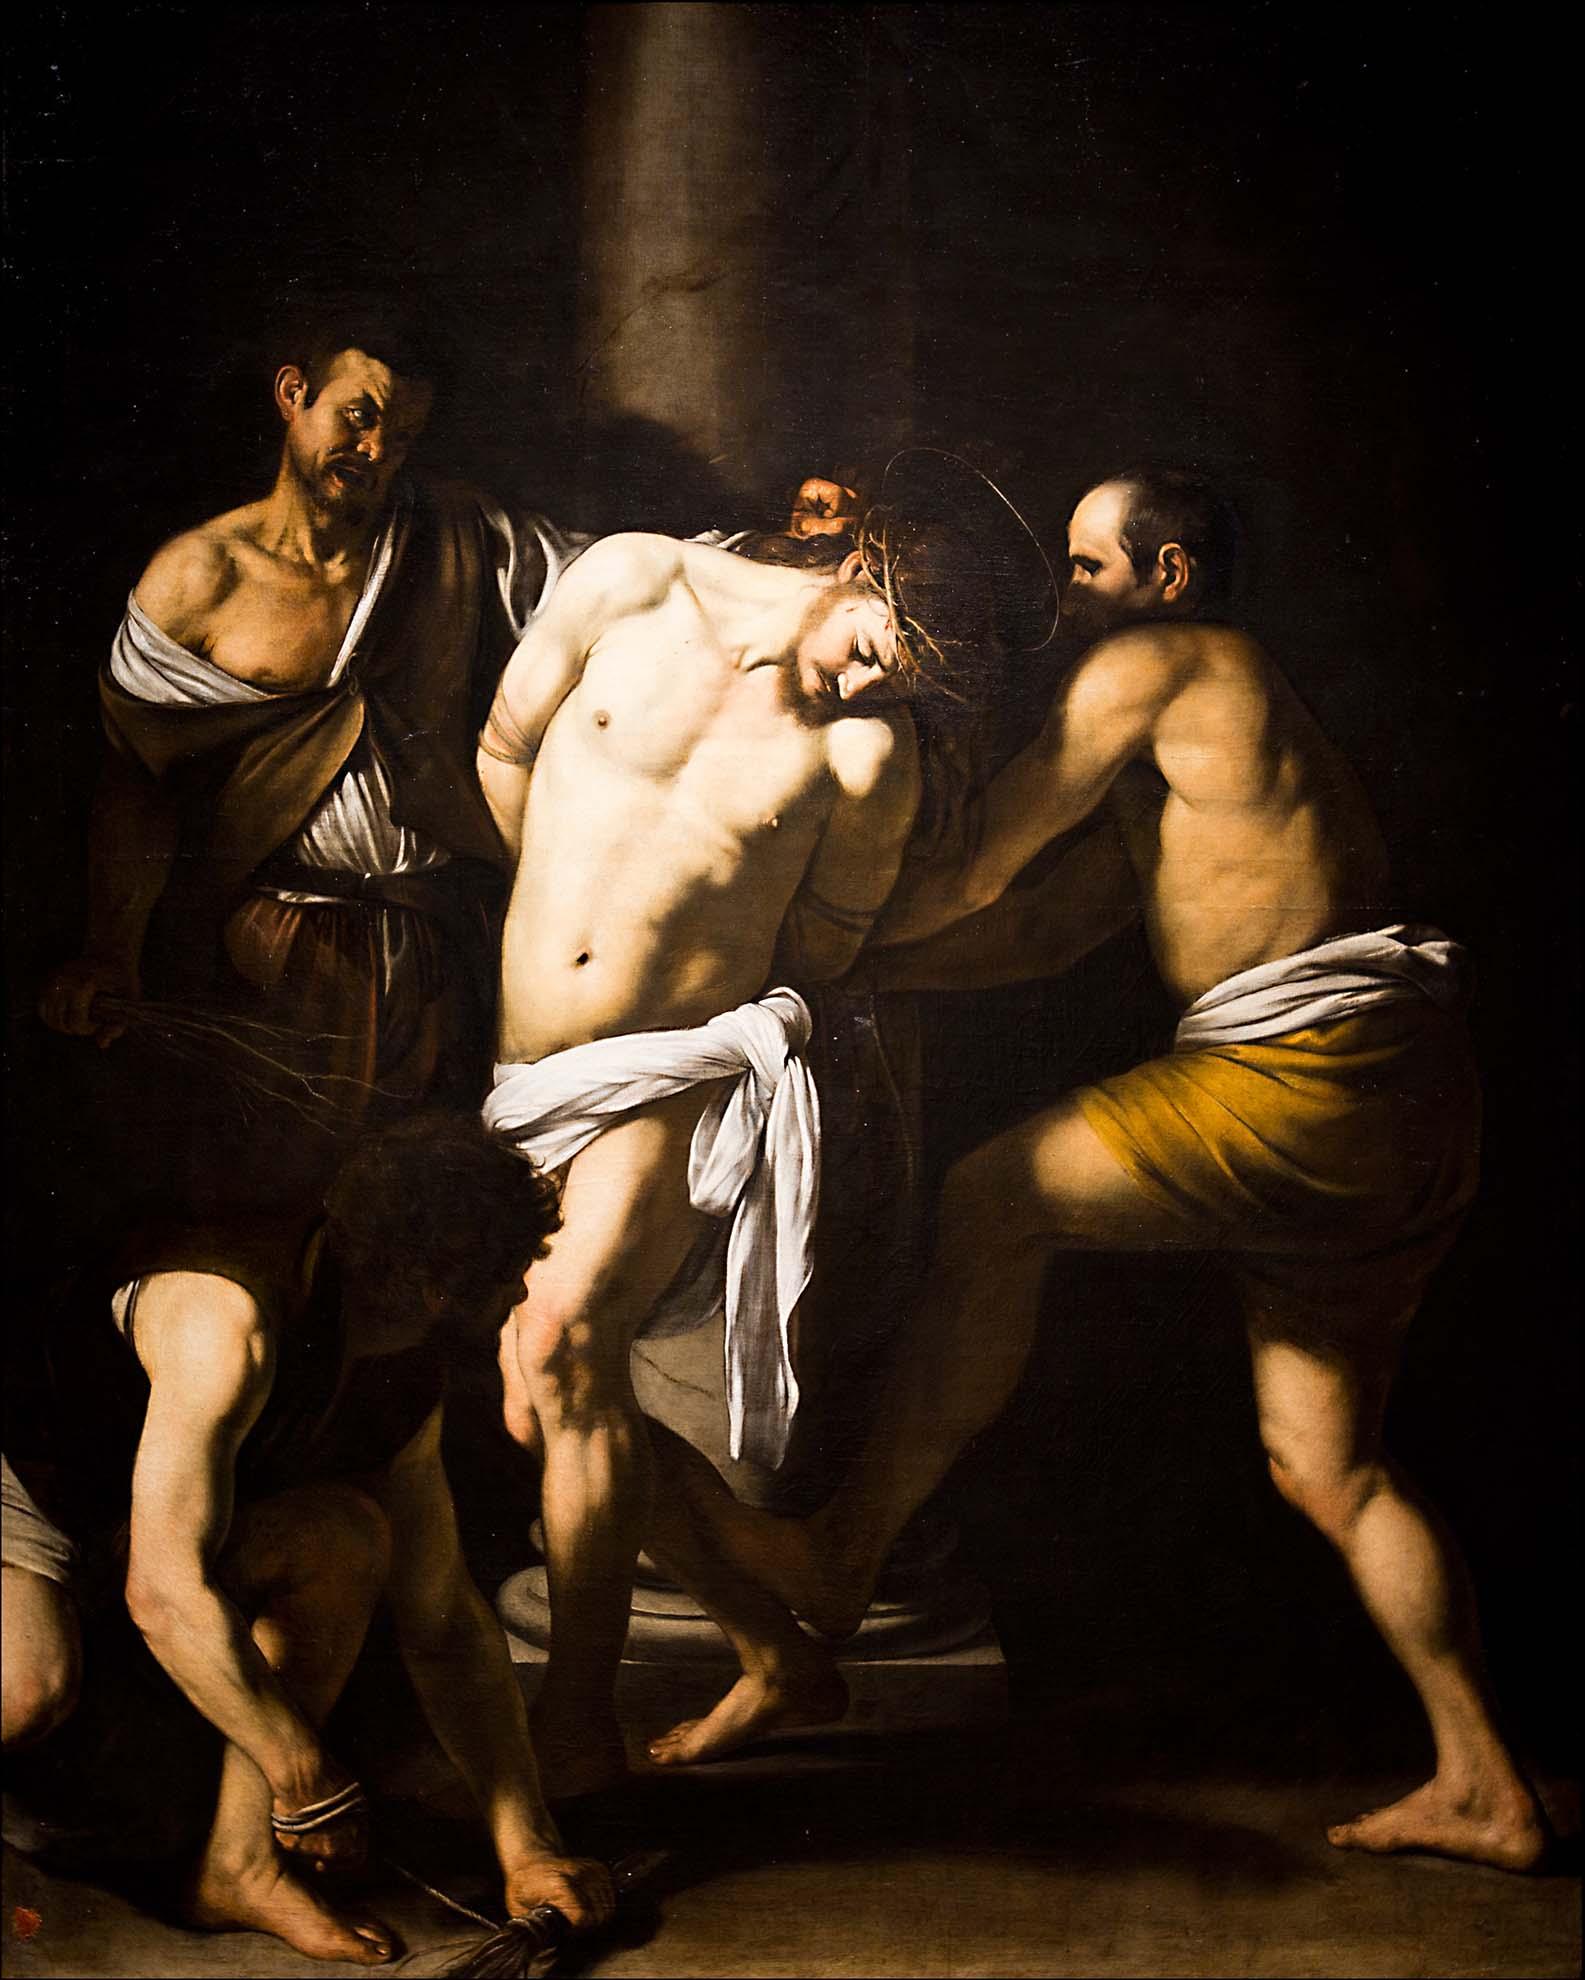 """Caravaggio, """"Cristo alla colonna"""" - Museo di Capodimonte - Salottino pompeiano - Capodimonte - sale dell'800 - Sala da scrivere - Salone delle feste. """"Courtesy Museo e Real Bosco di Capodimonte"""""""